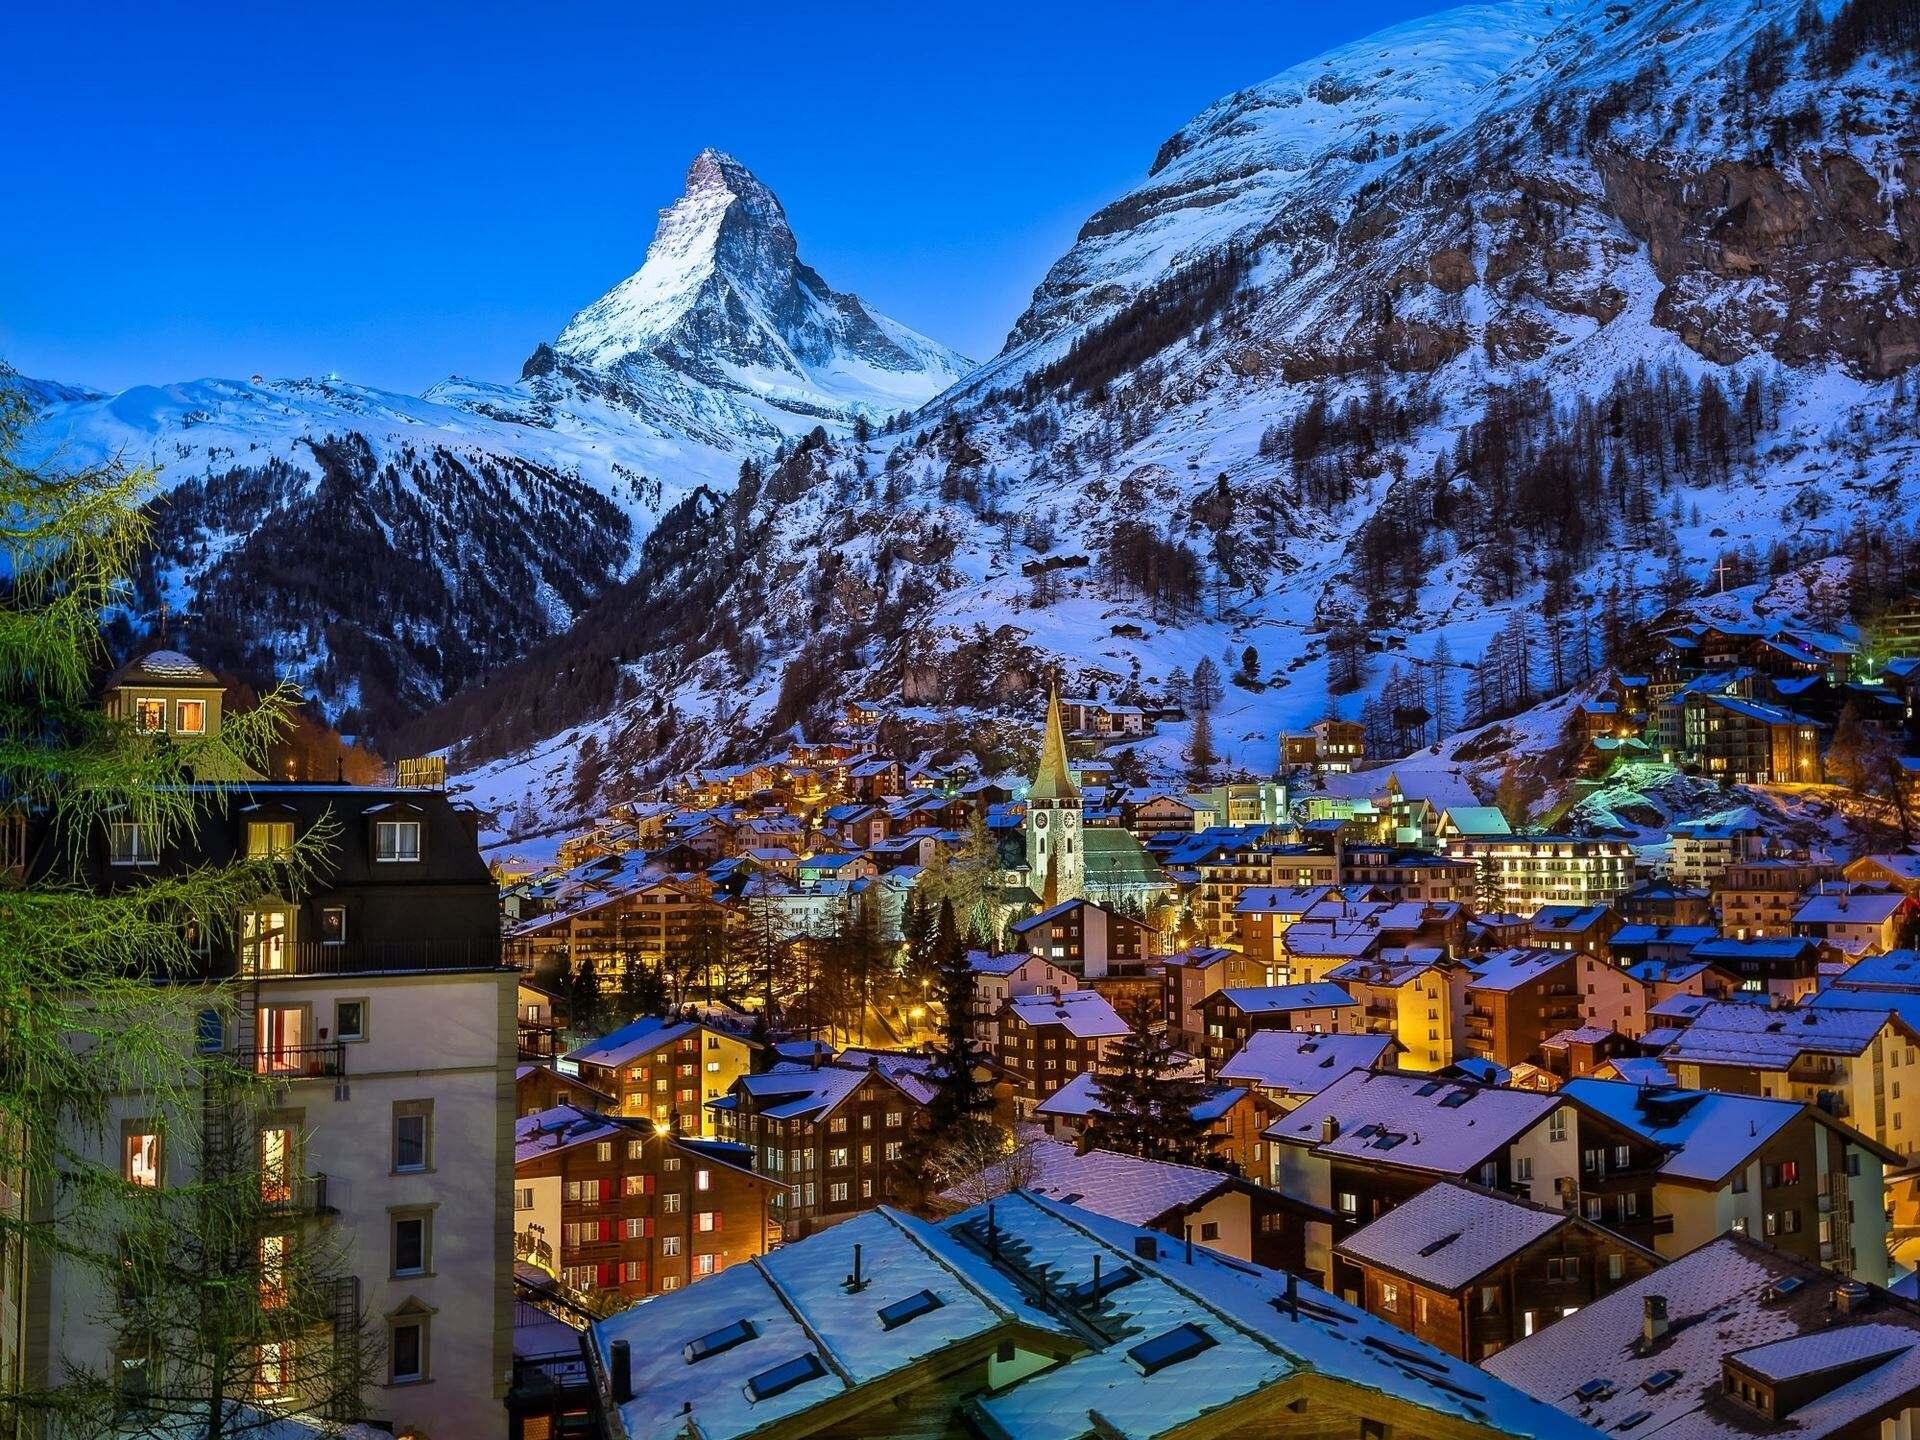 Zermatt lies at the foot of the Matterhorn.